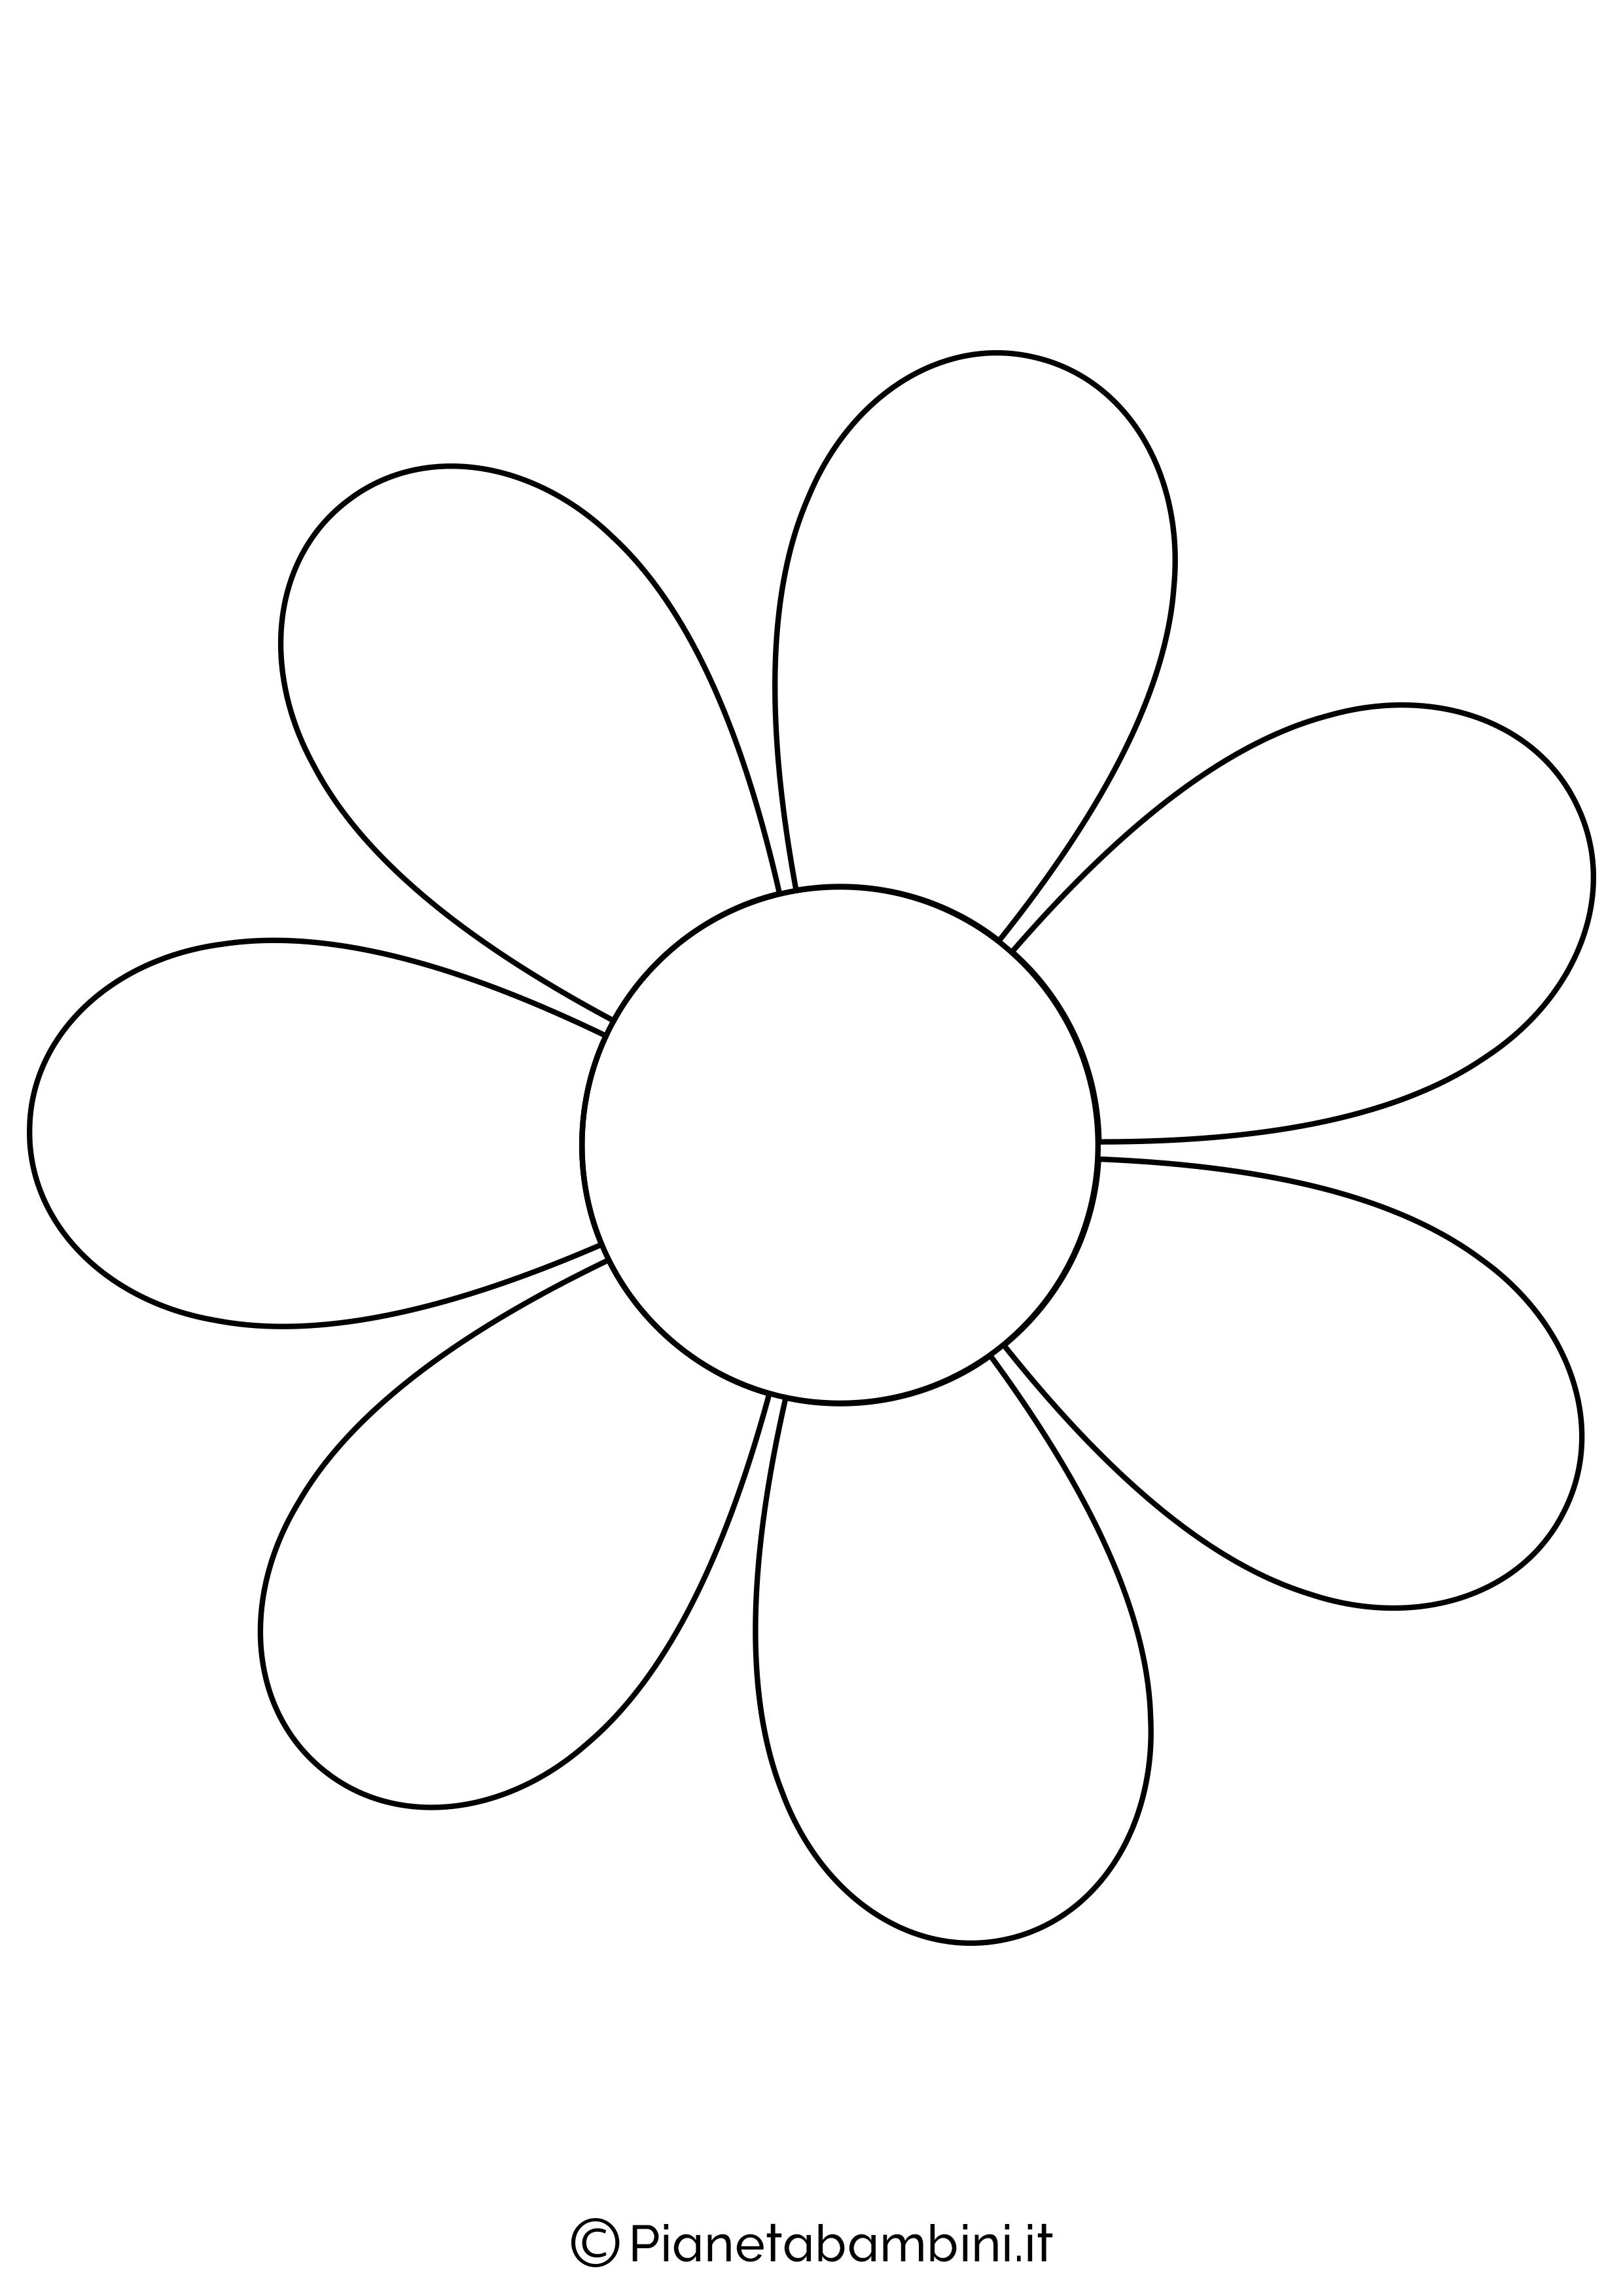 Fiore Disegni Per Bambini : fiore, disegni, bambini, Sagome, Fiori, Colorare, Ritagliare, Bambini, PianetaBambini.it, Disegnati, Colorare,, Stampare,, Disegno